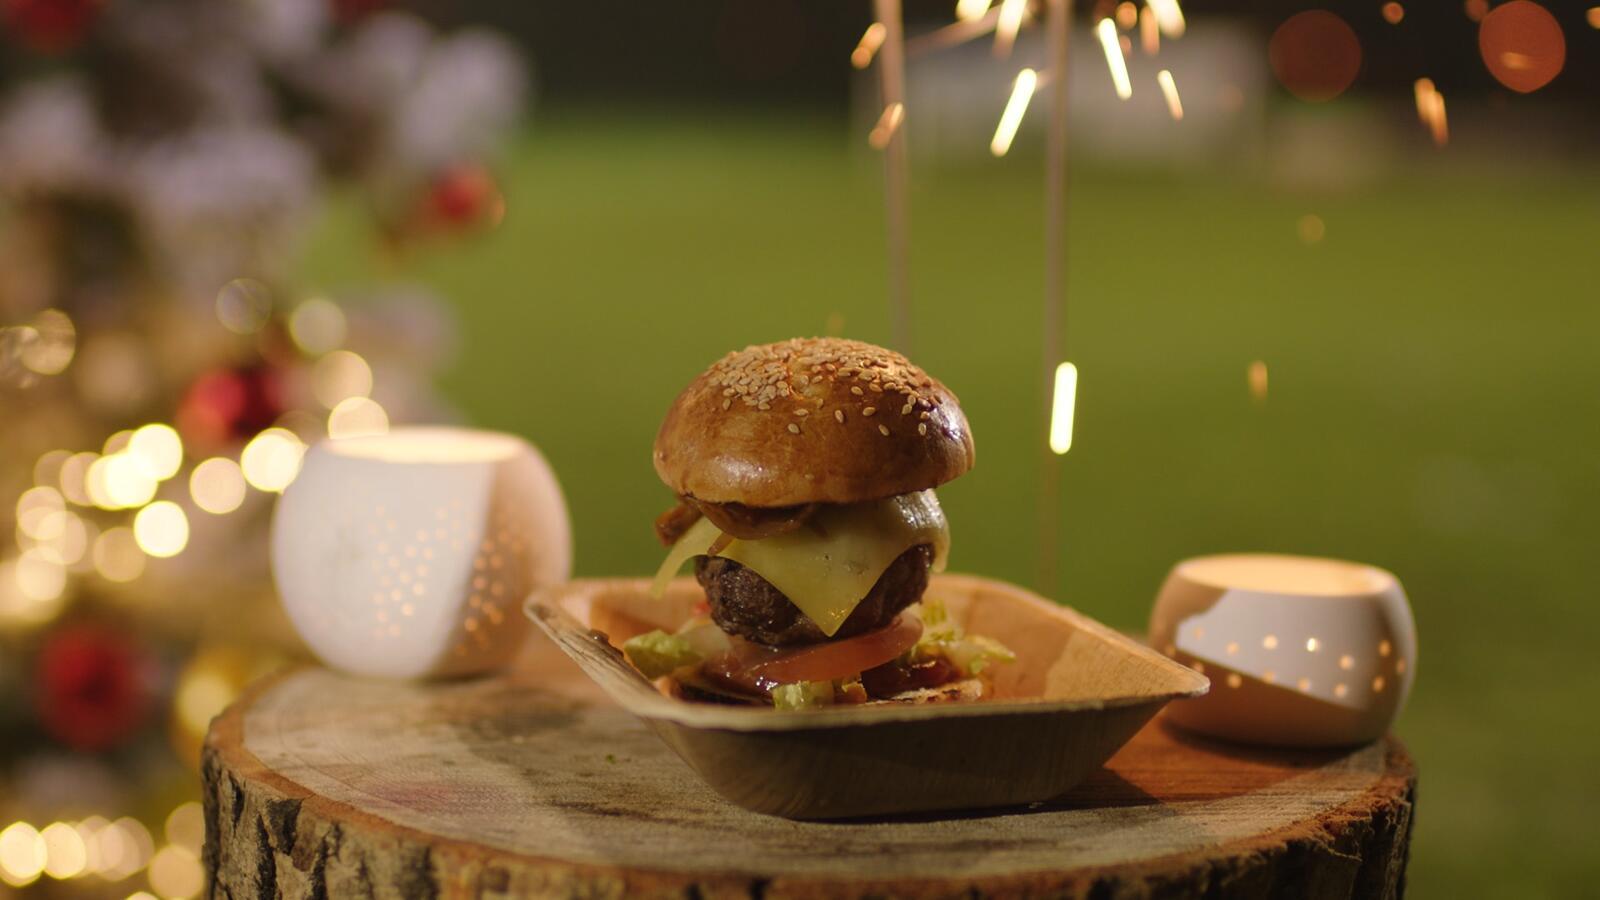 Voetbalburgers